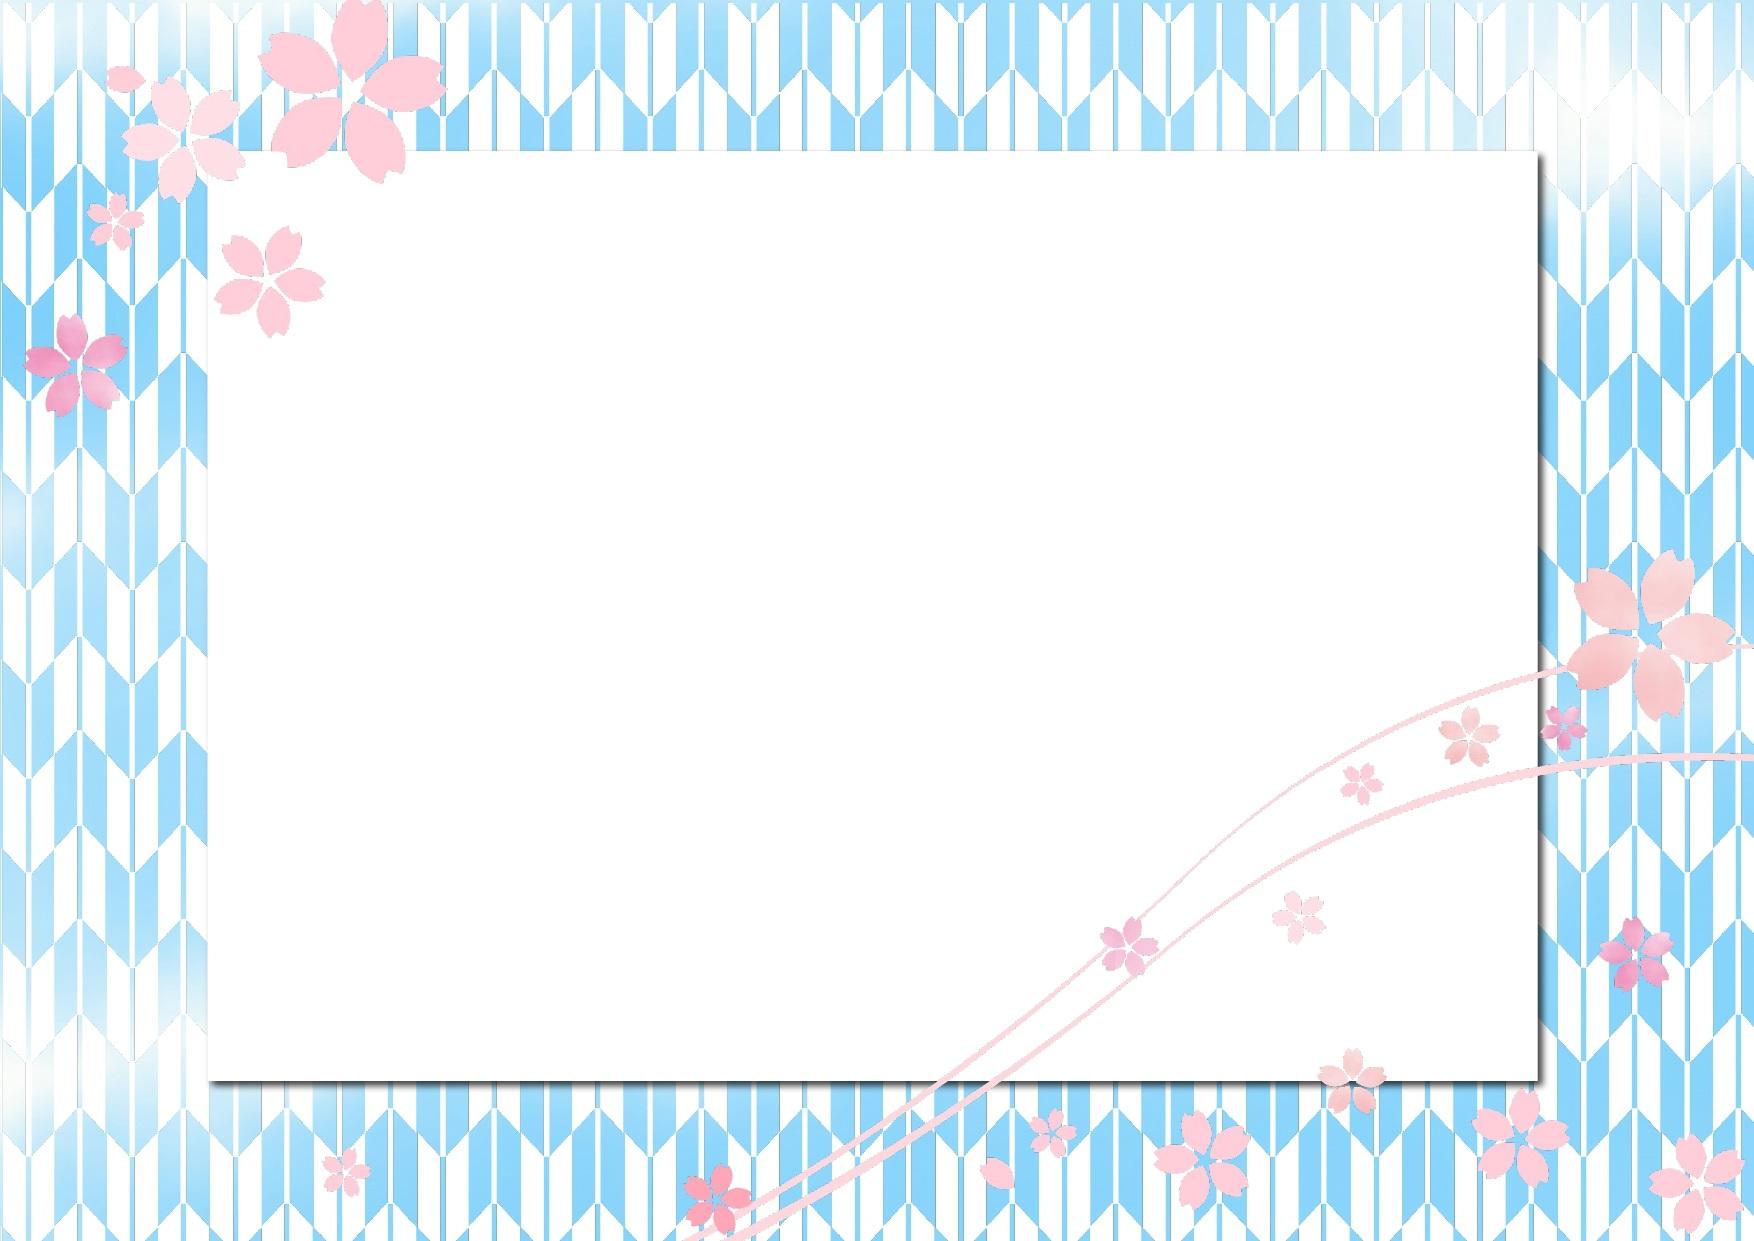 ブルー(青色)和柄と桜(さくら)のフレーム